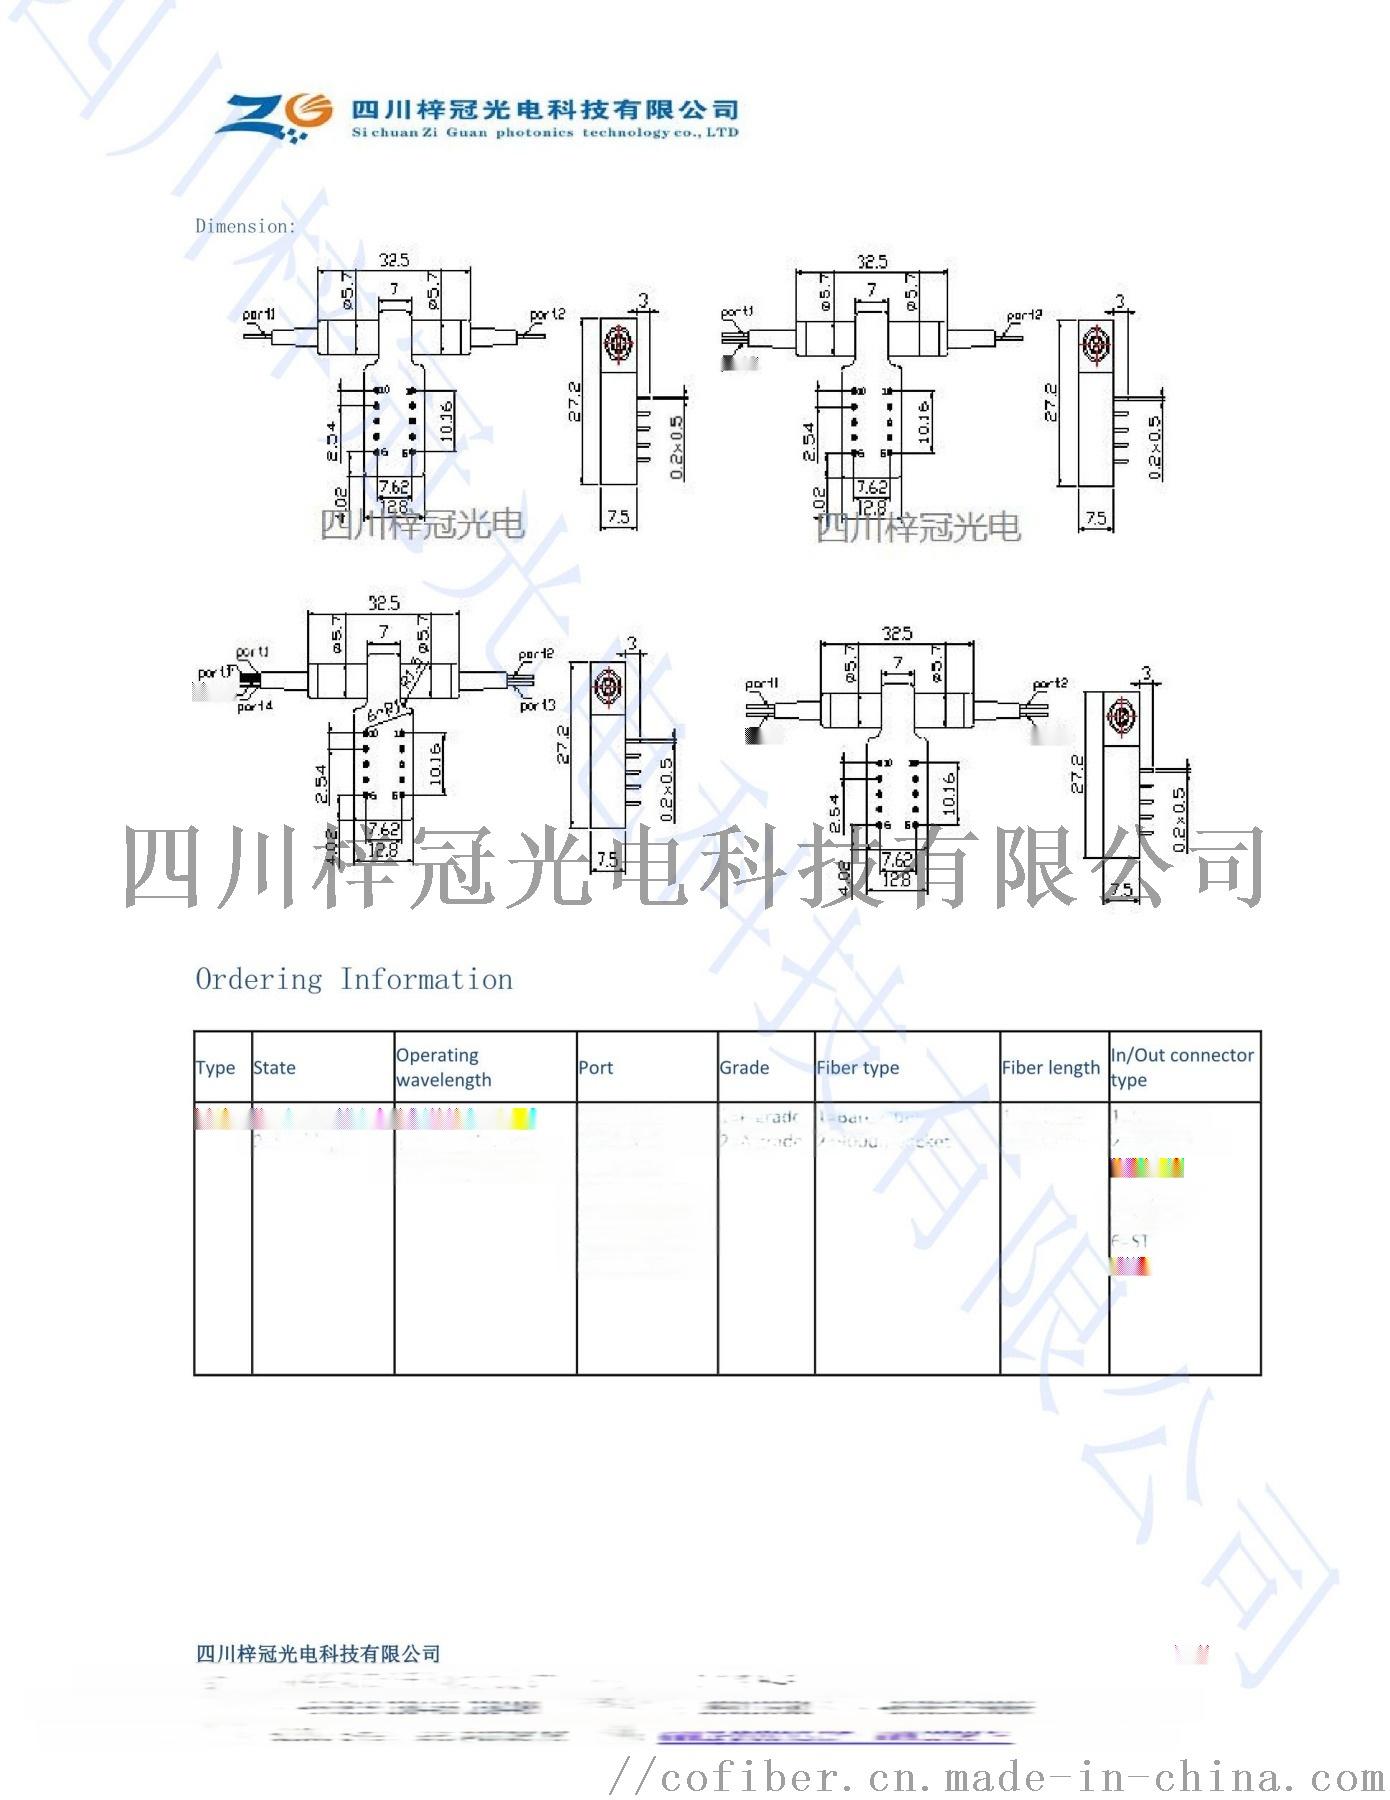 機械式光開關1×2,2×2,D1×2,D2×2 3.jpg